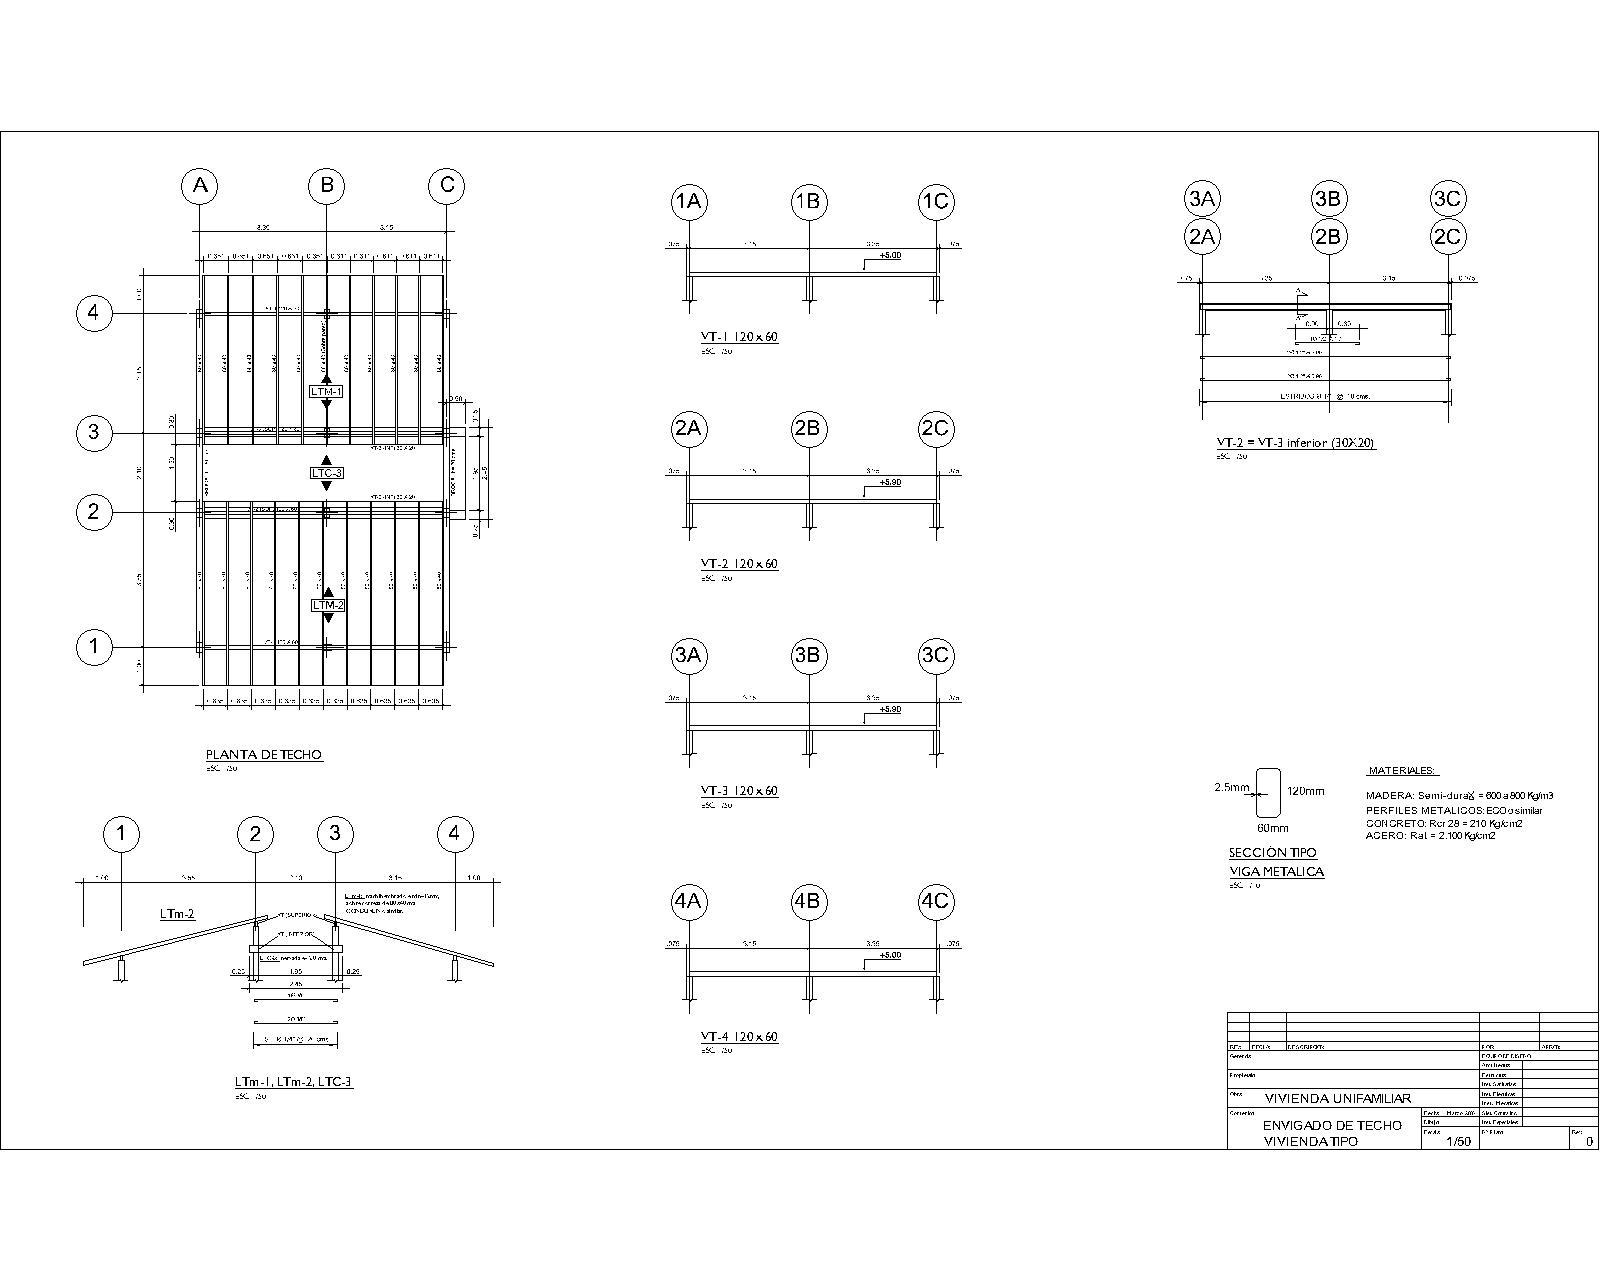 Estructuras metalicas proceso de construcci n de una for Como hacer una estructura metalica para techo